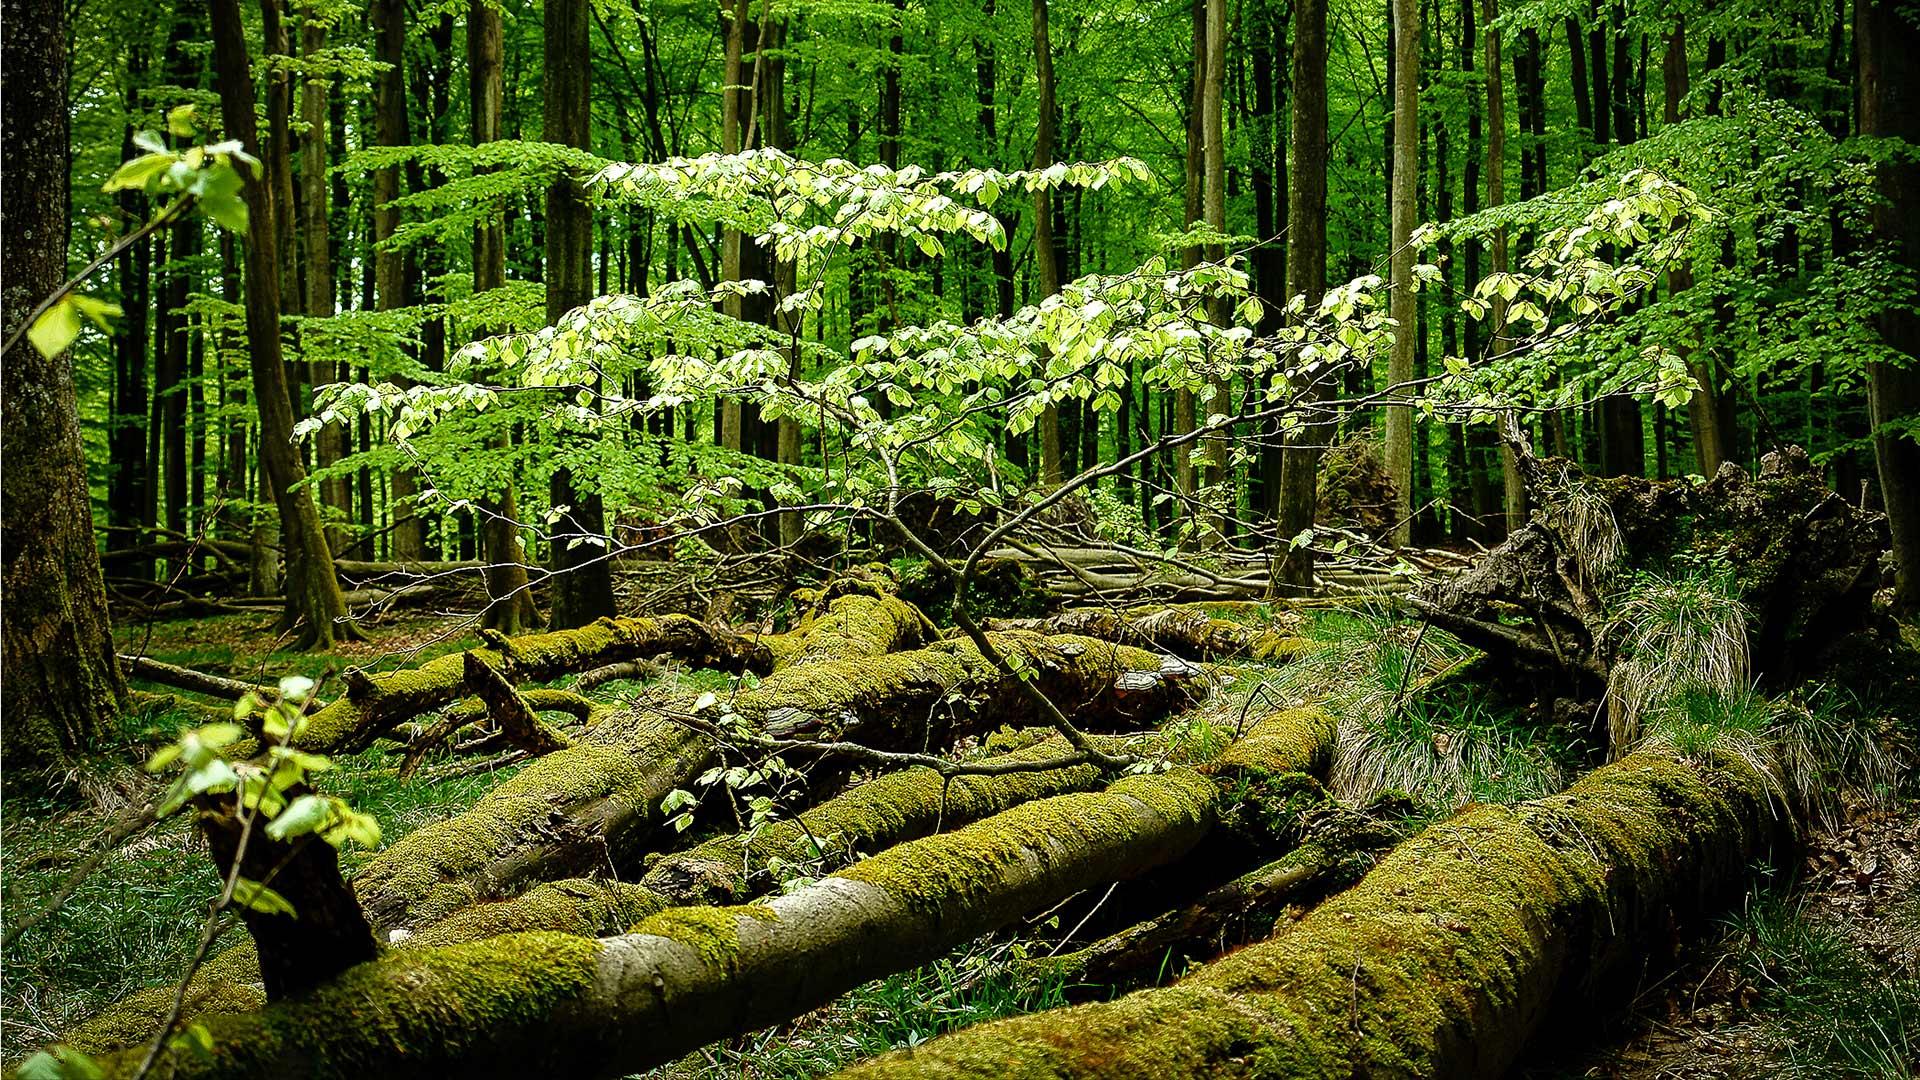 Buchenwälder Totholz